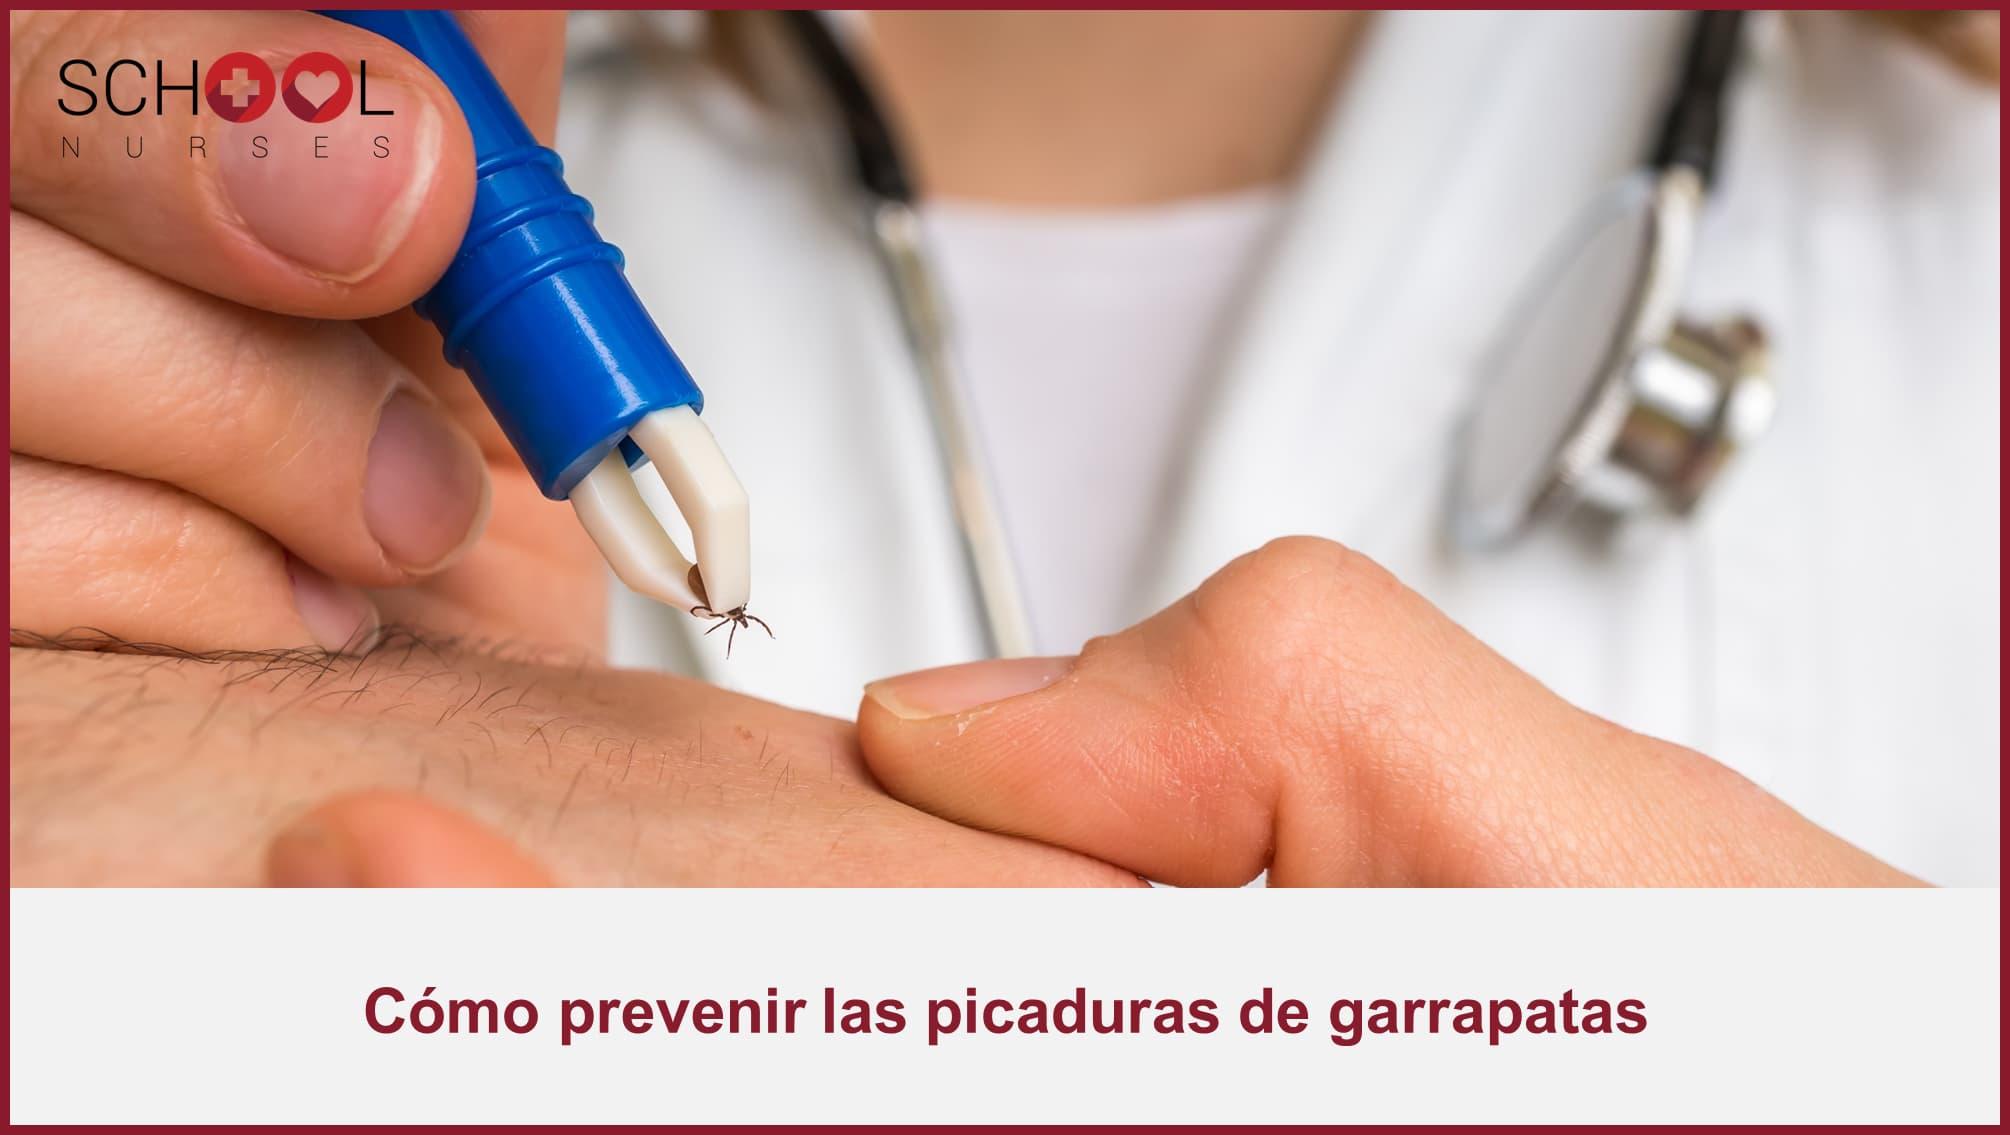 Cómo prevenir las picaduras de garrapatas